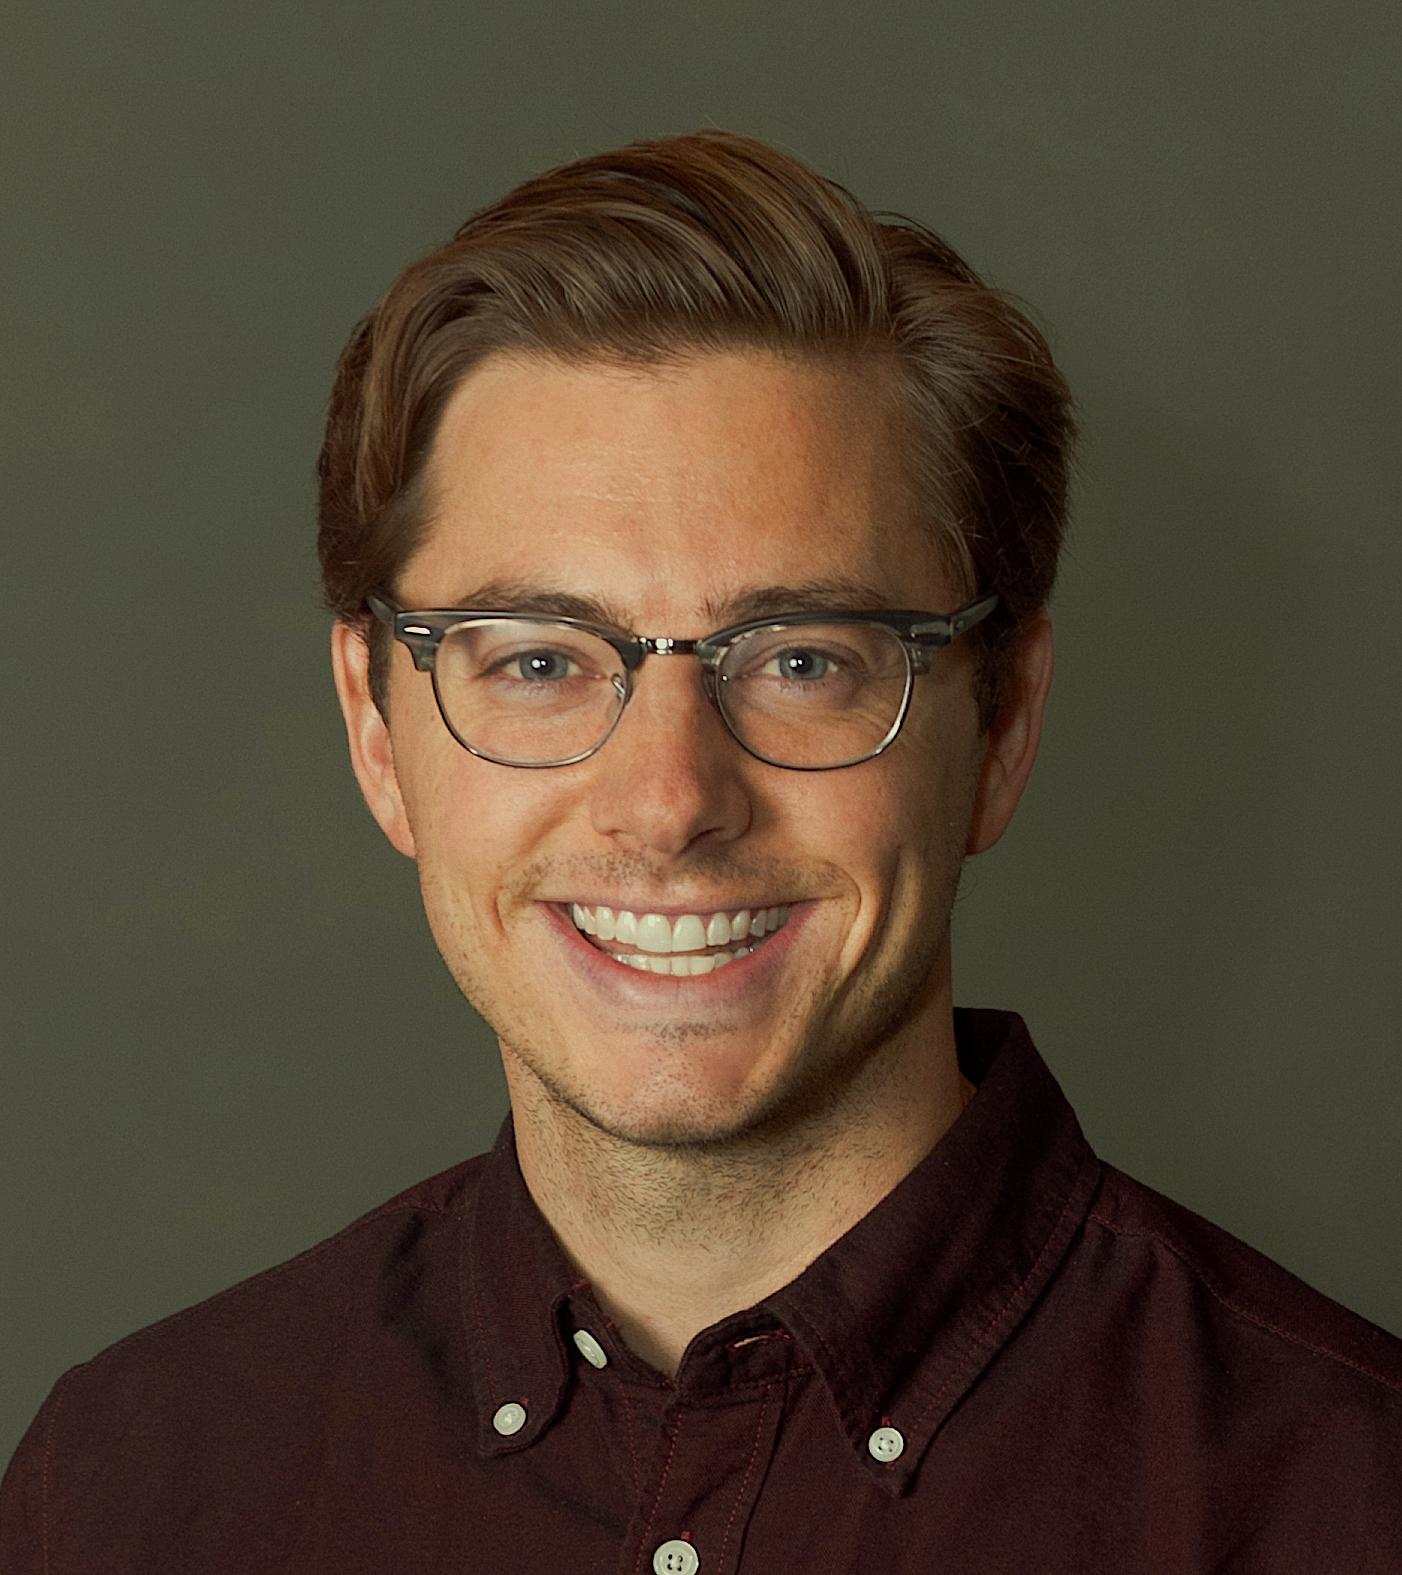 Justin Messmore